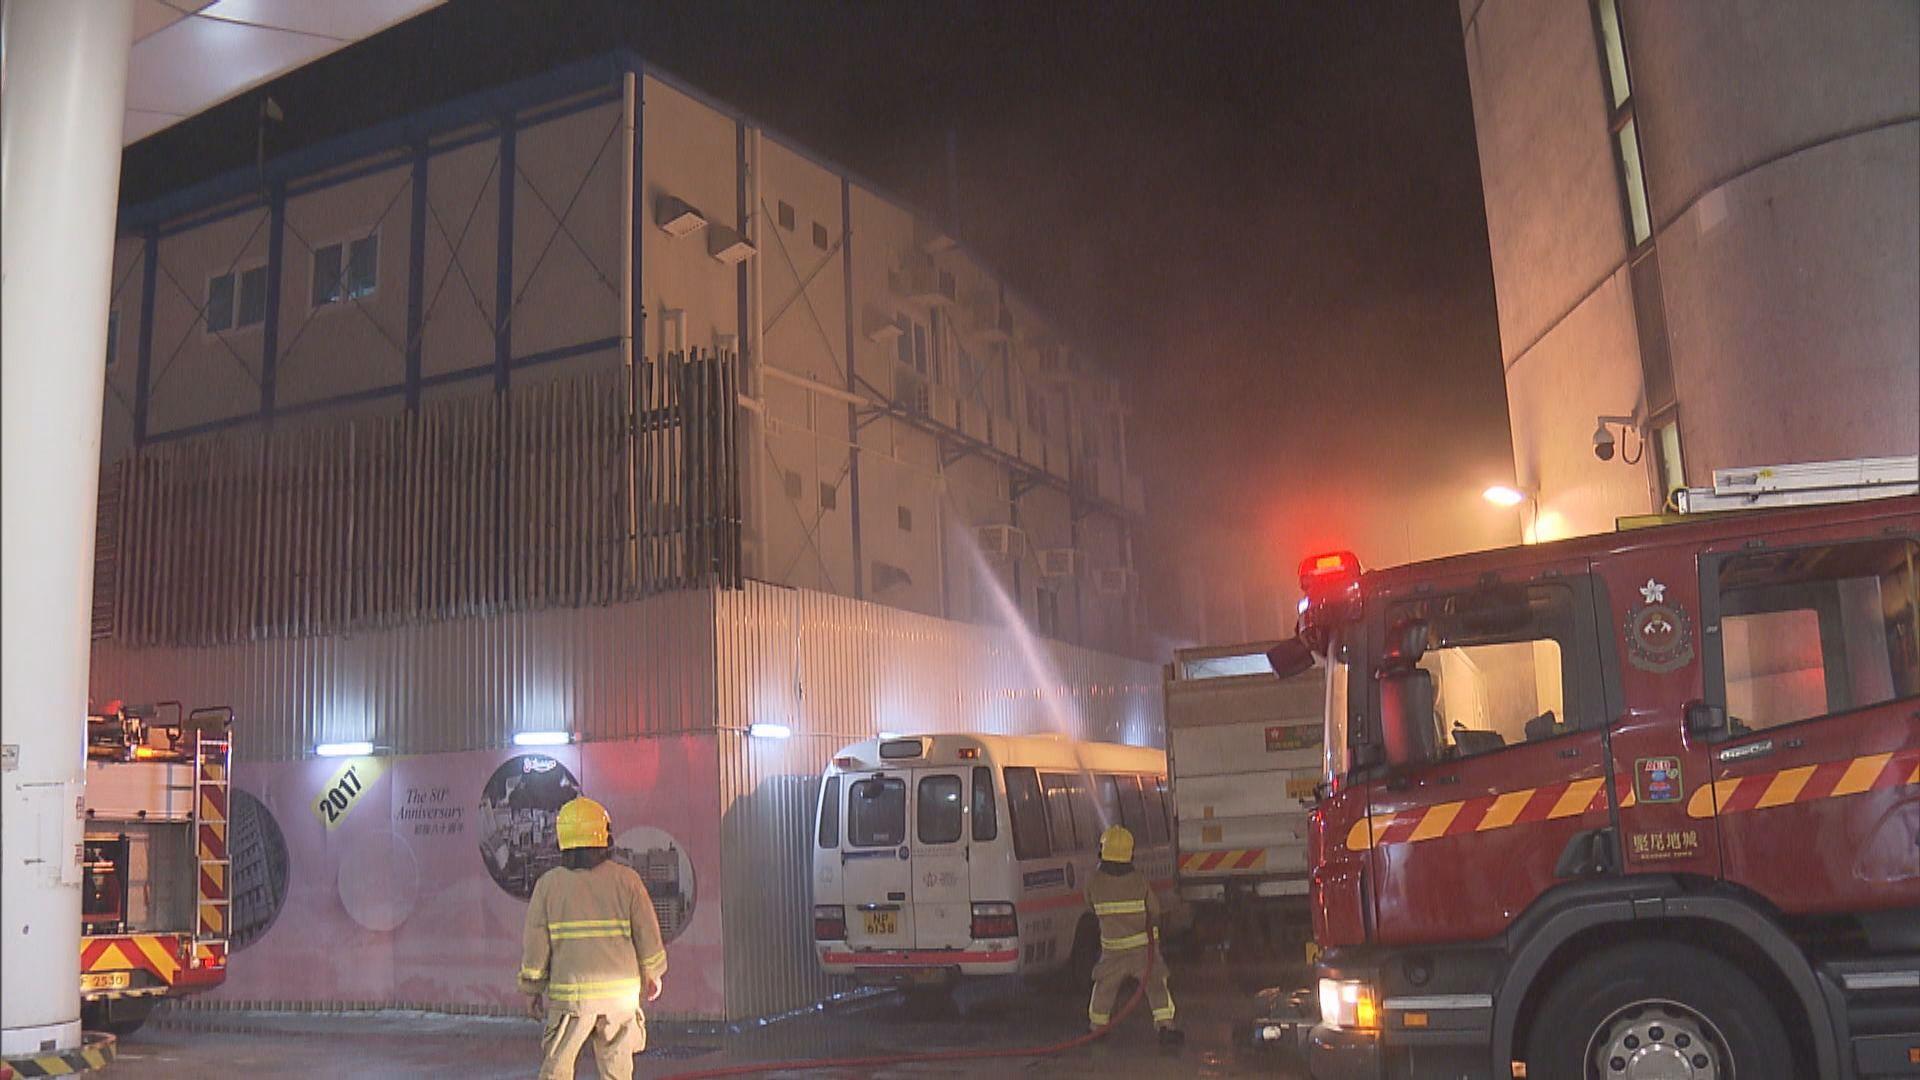 瑪麗醫院擴建地盤辦公室起火無人傷